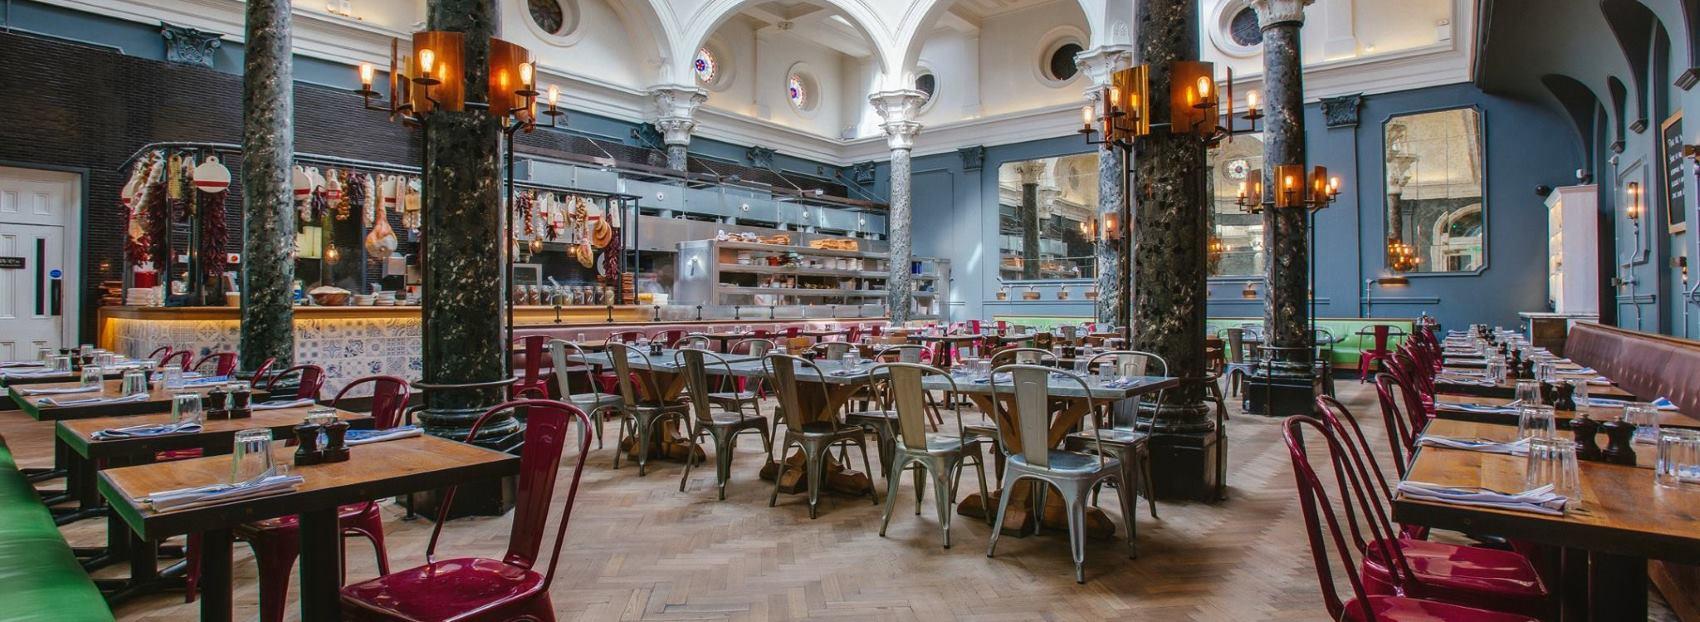 Jamie Oliver otvara prva tri lokala u Gradu Beču